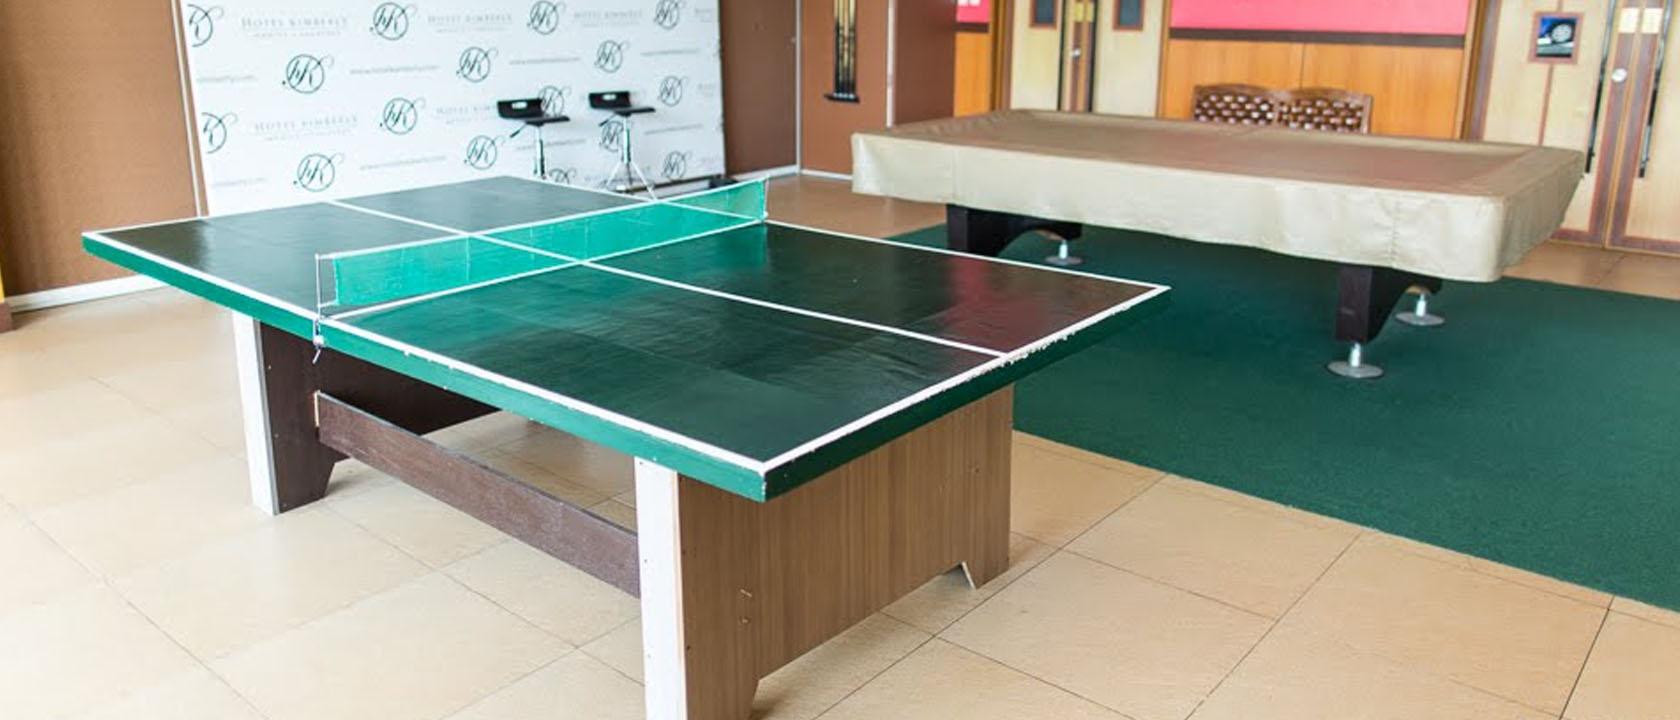 Por qu comprar una mesa de ping pong barata ofertas de mesas de ping pong - Mesa de ping pong precio ...